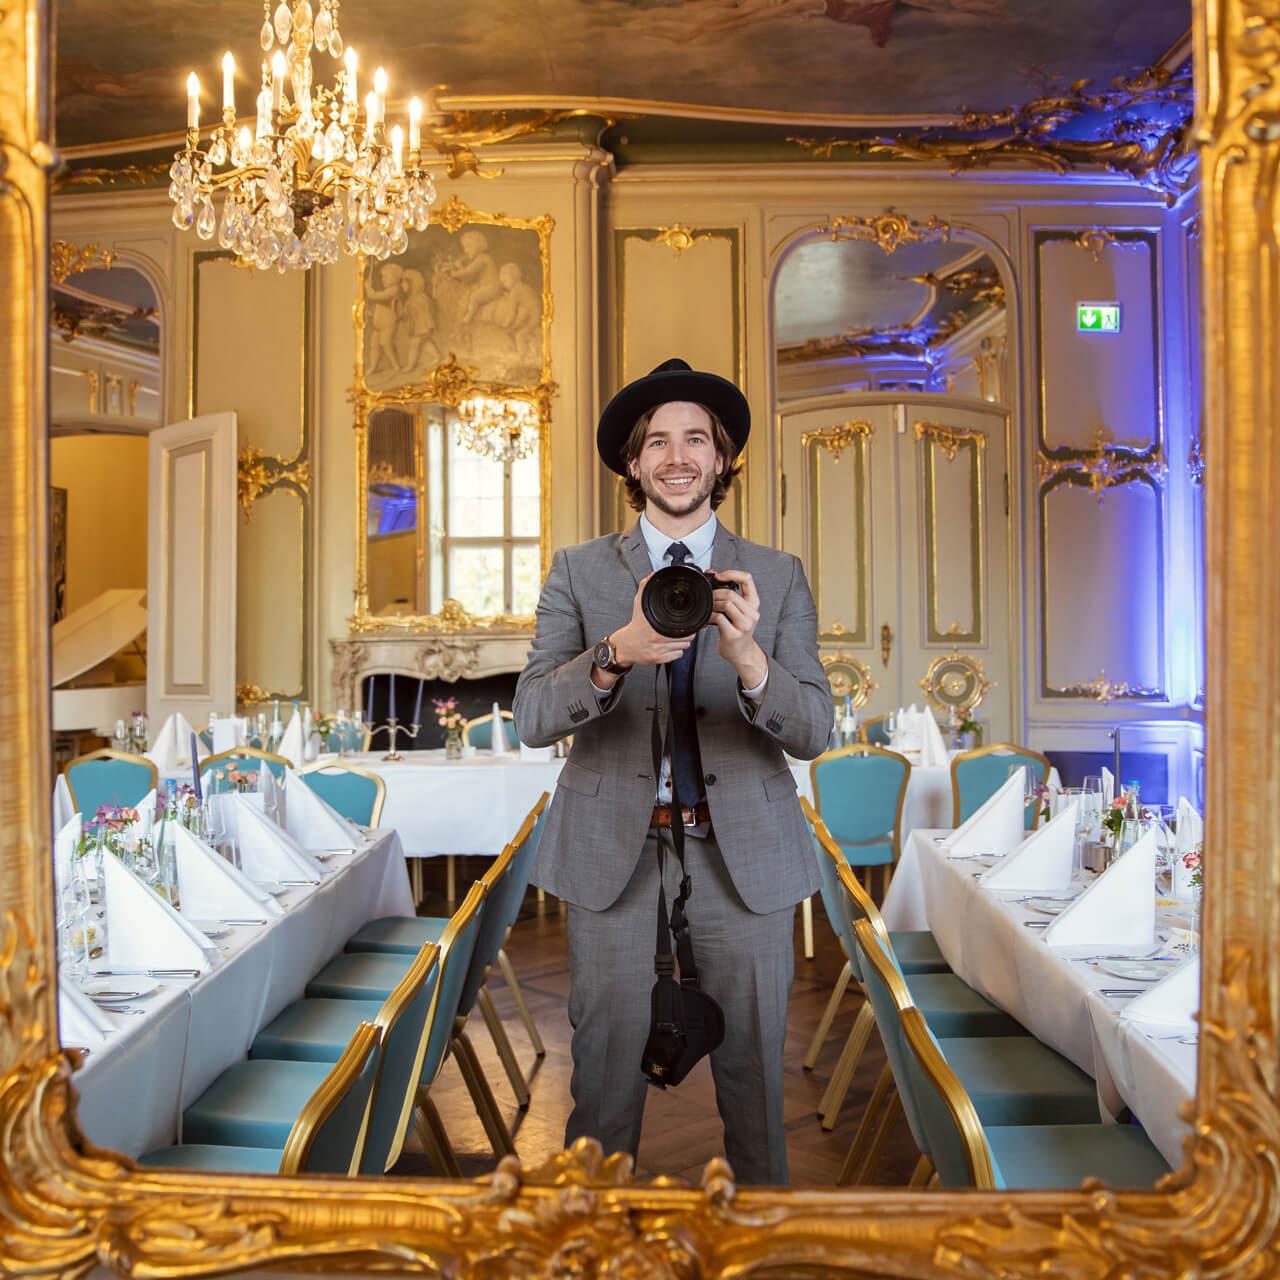 Über Pascal Dietrich, Hochzeiotsfotograf aus Weinheim